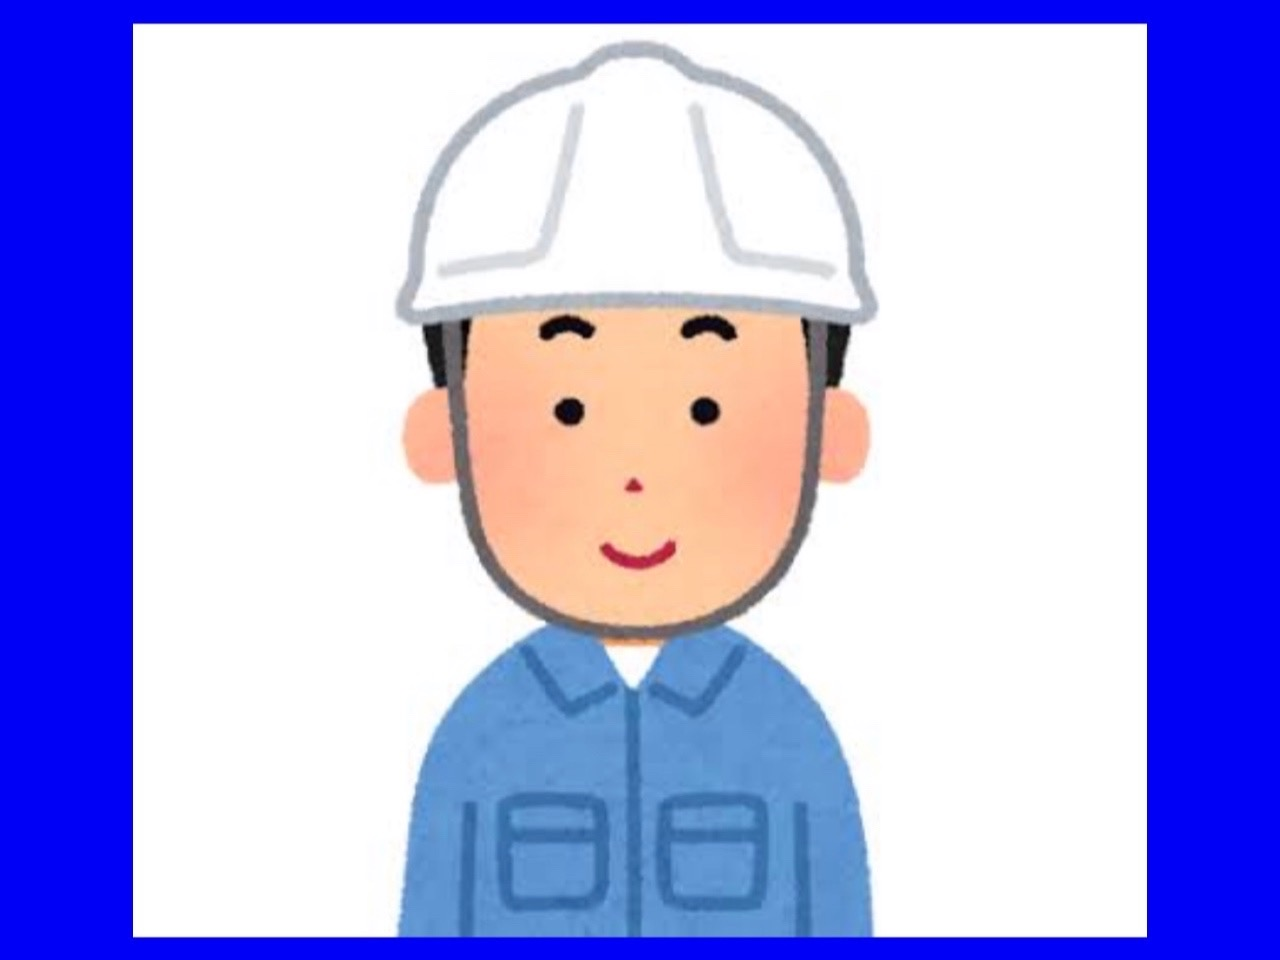 特定建築物調査 外壁調査 建築設備検査 防火設備検査